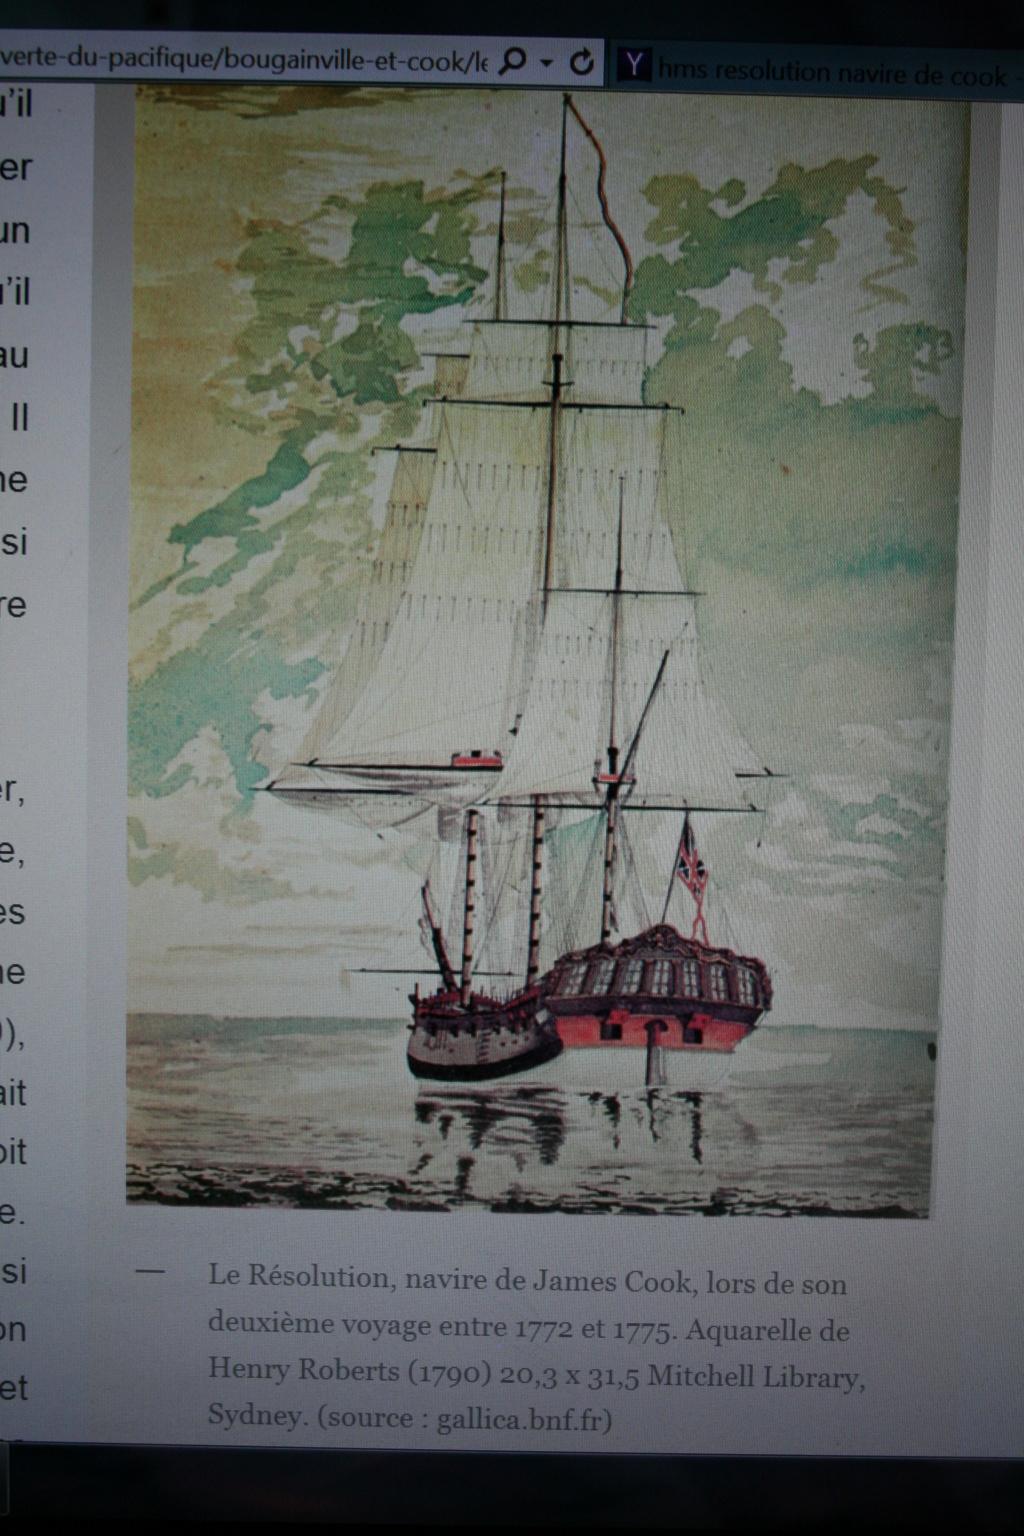 le radoub du ponant : Origine des voiles royales - Page 15 Img_3235